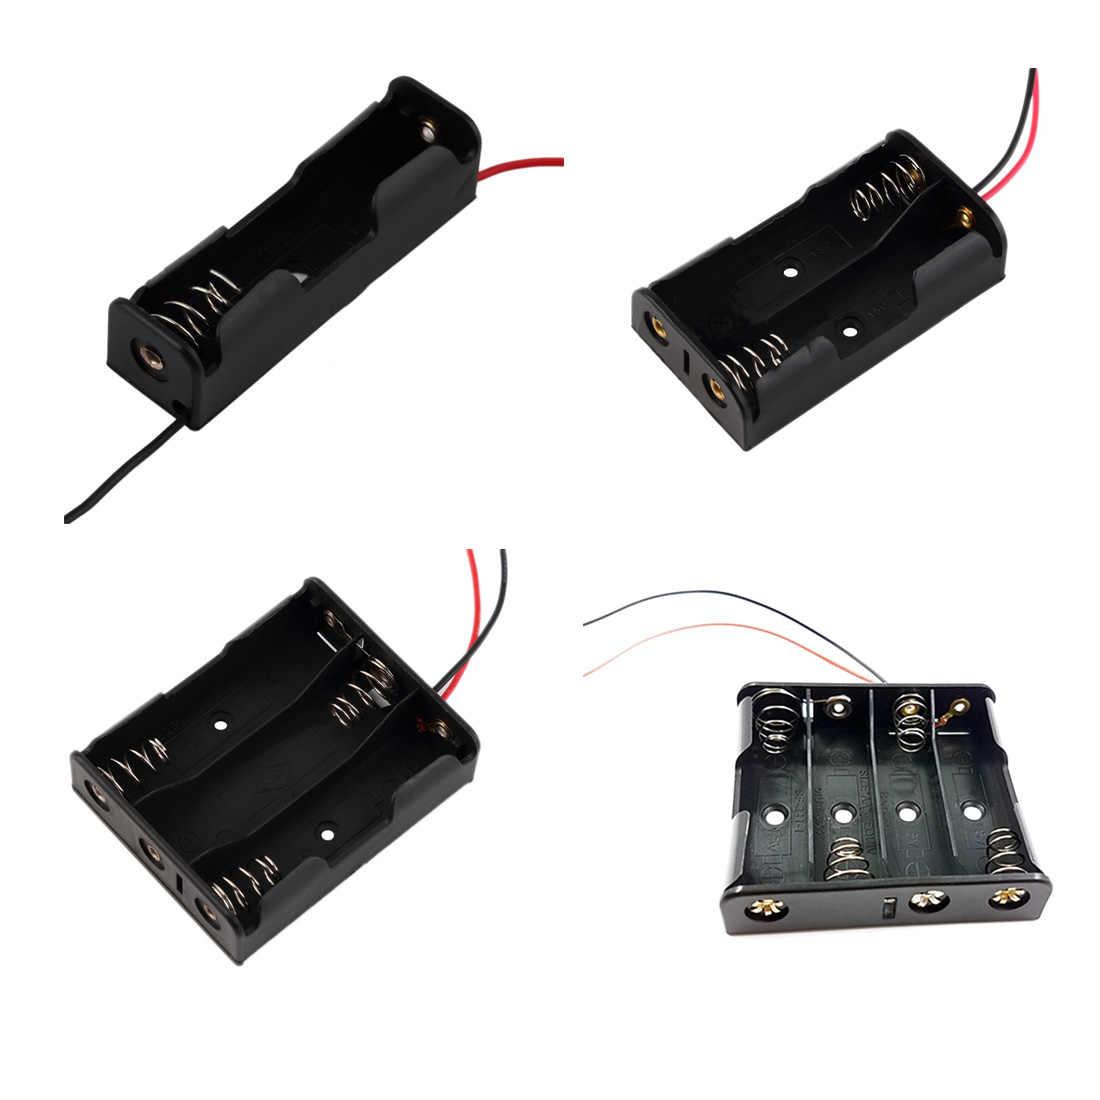 1PC Batterie Halter Batterie Fall Für 1/2/3/4 Pcs AA 1,5 V Trocken Batterie Lagerung Box Lange Kabel Batterie Clip anschluss Schnalle